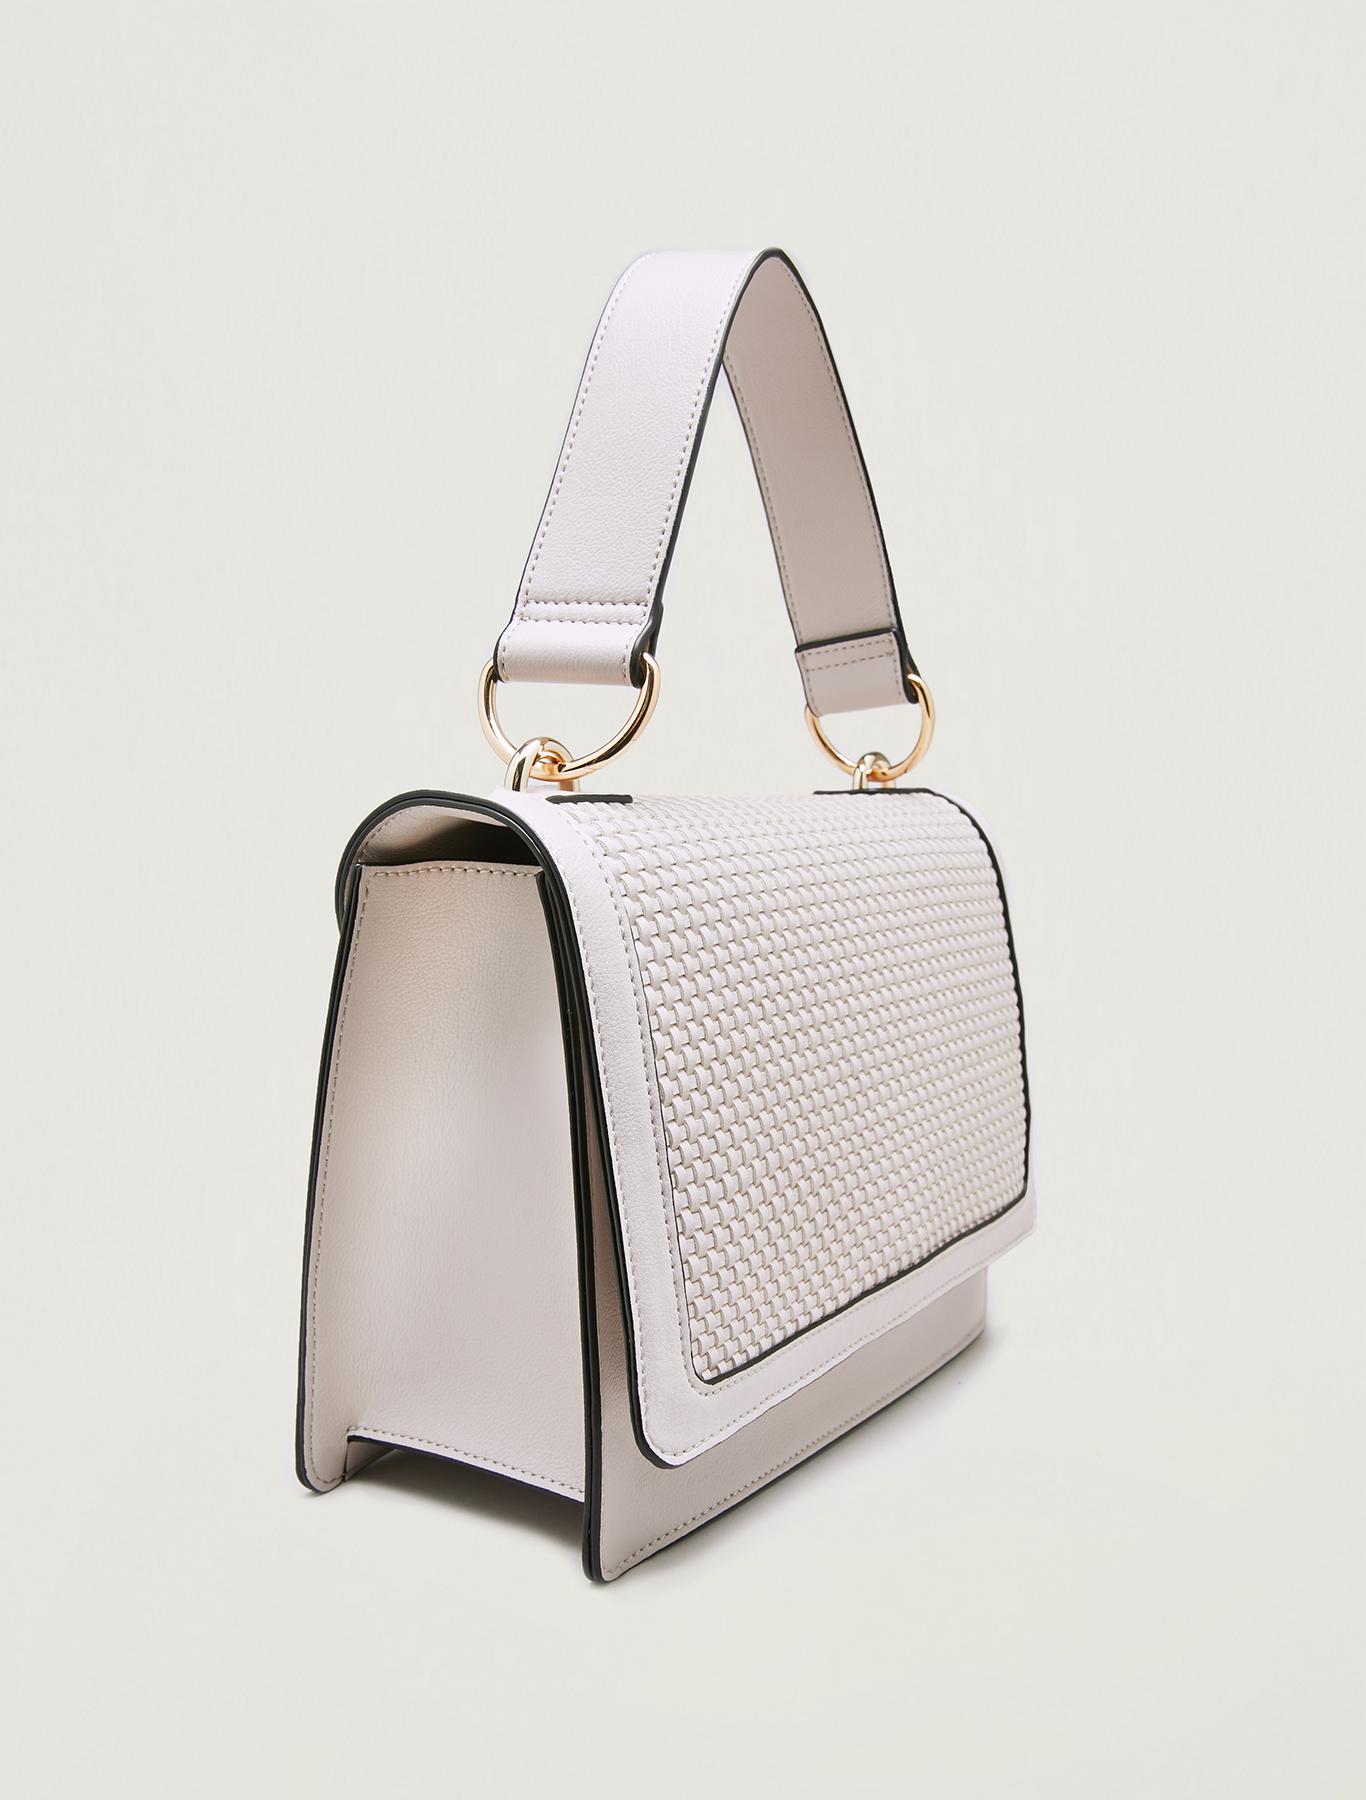 Woven shoulder bag - beige - pennyblack